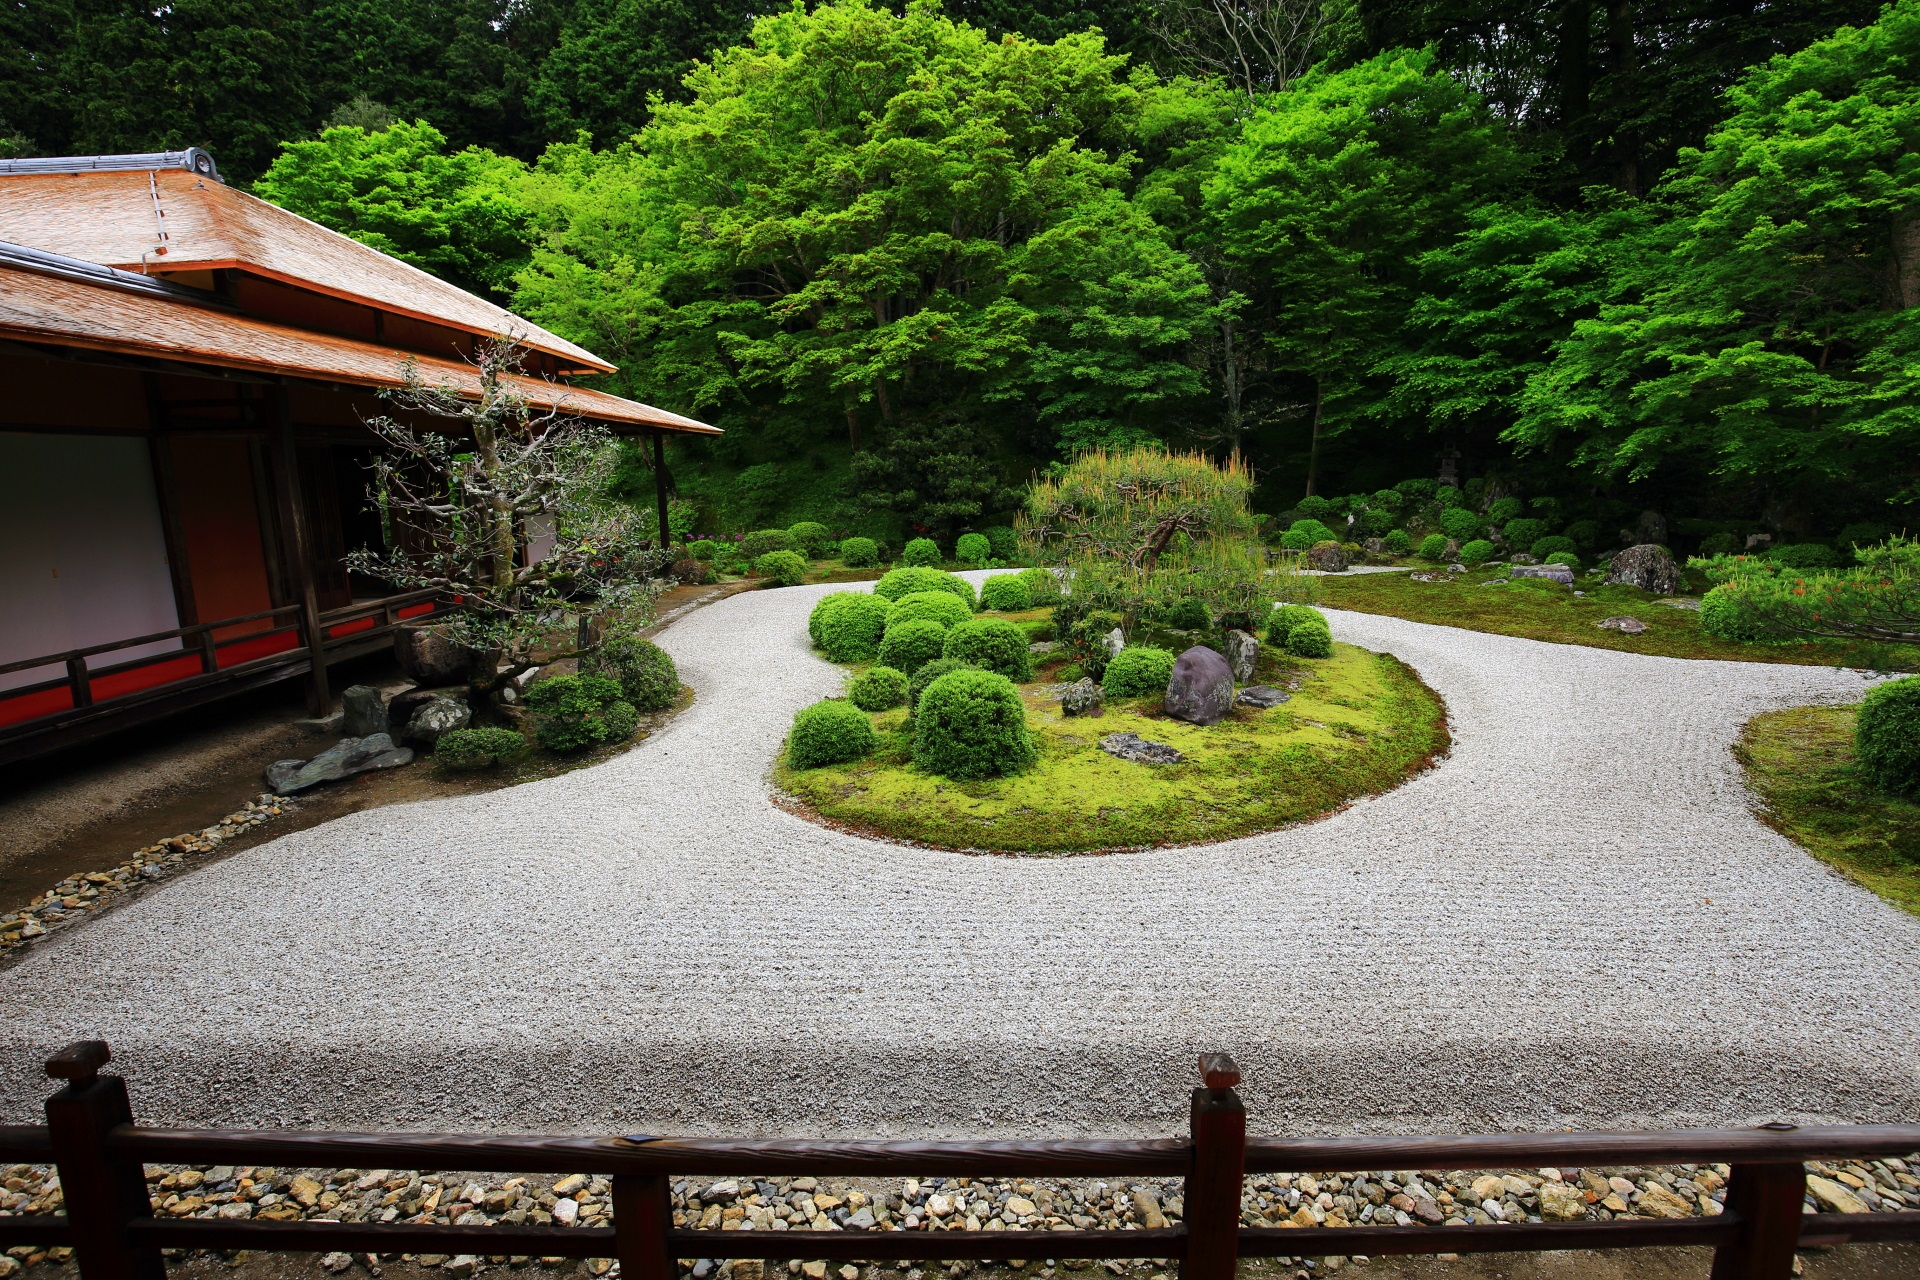 曼殊院の素晴らしい新緑や庭園と春の情景